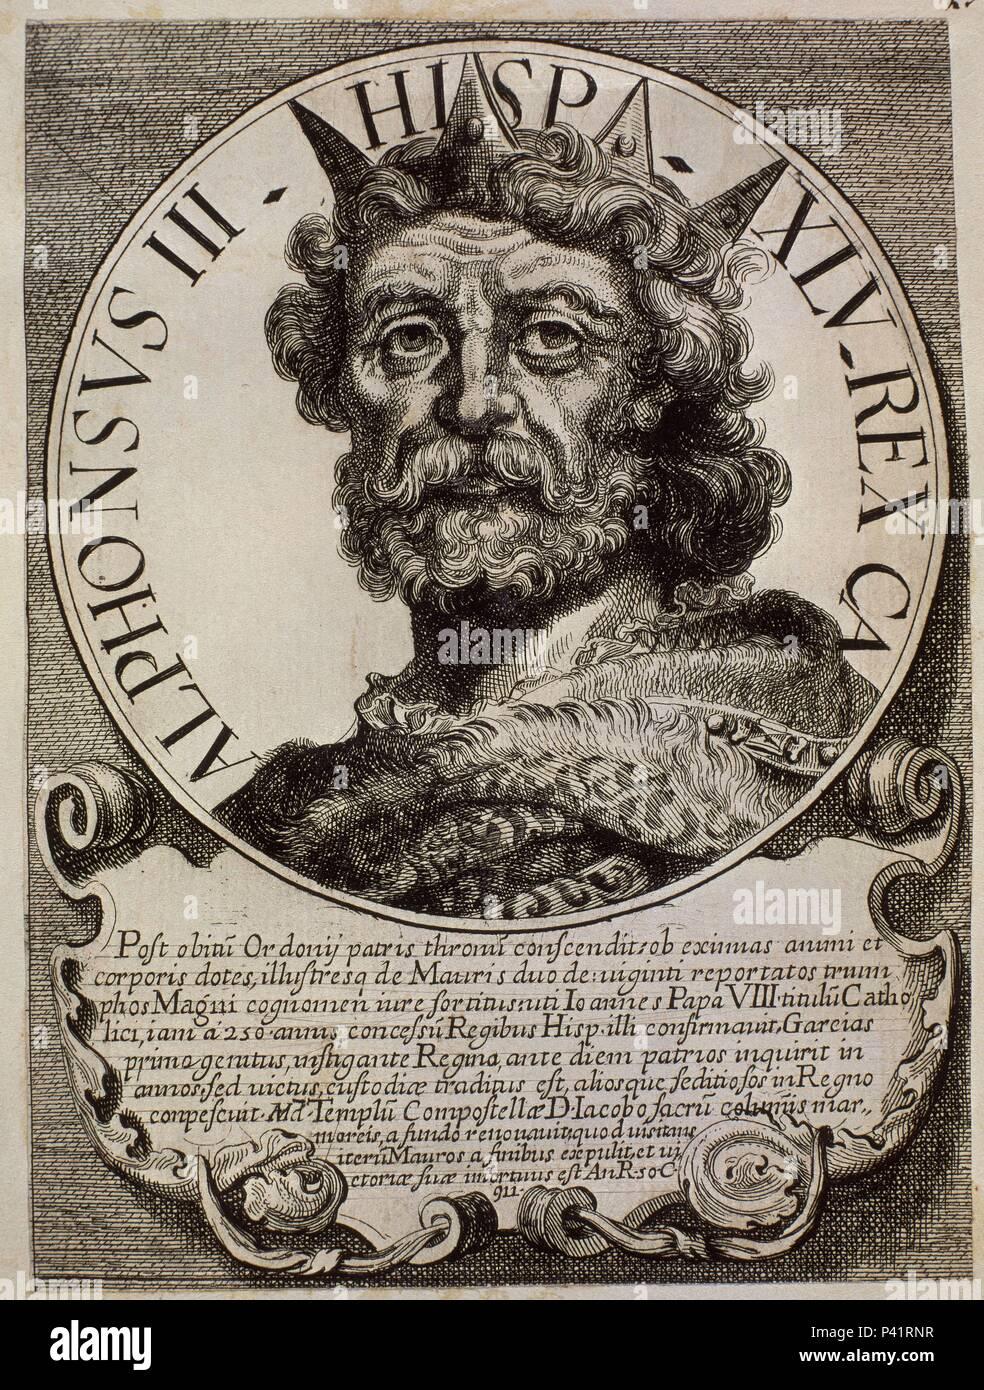 ALFONSO III EL MAGNO (848-910) REY DE ASTURIAS DESDE EL AÑO 866 AL 910 - EFFIGIES ET SERIES REGUM HISPANIAE - GRABADO SIGLO XVII. Author: Arnoldo van Westerhout (1651-1725). Location: BIBLIOTECA NACIONAL-COLECCION, MADRID, SPAIN. - Stock Image